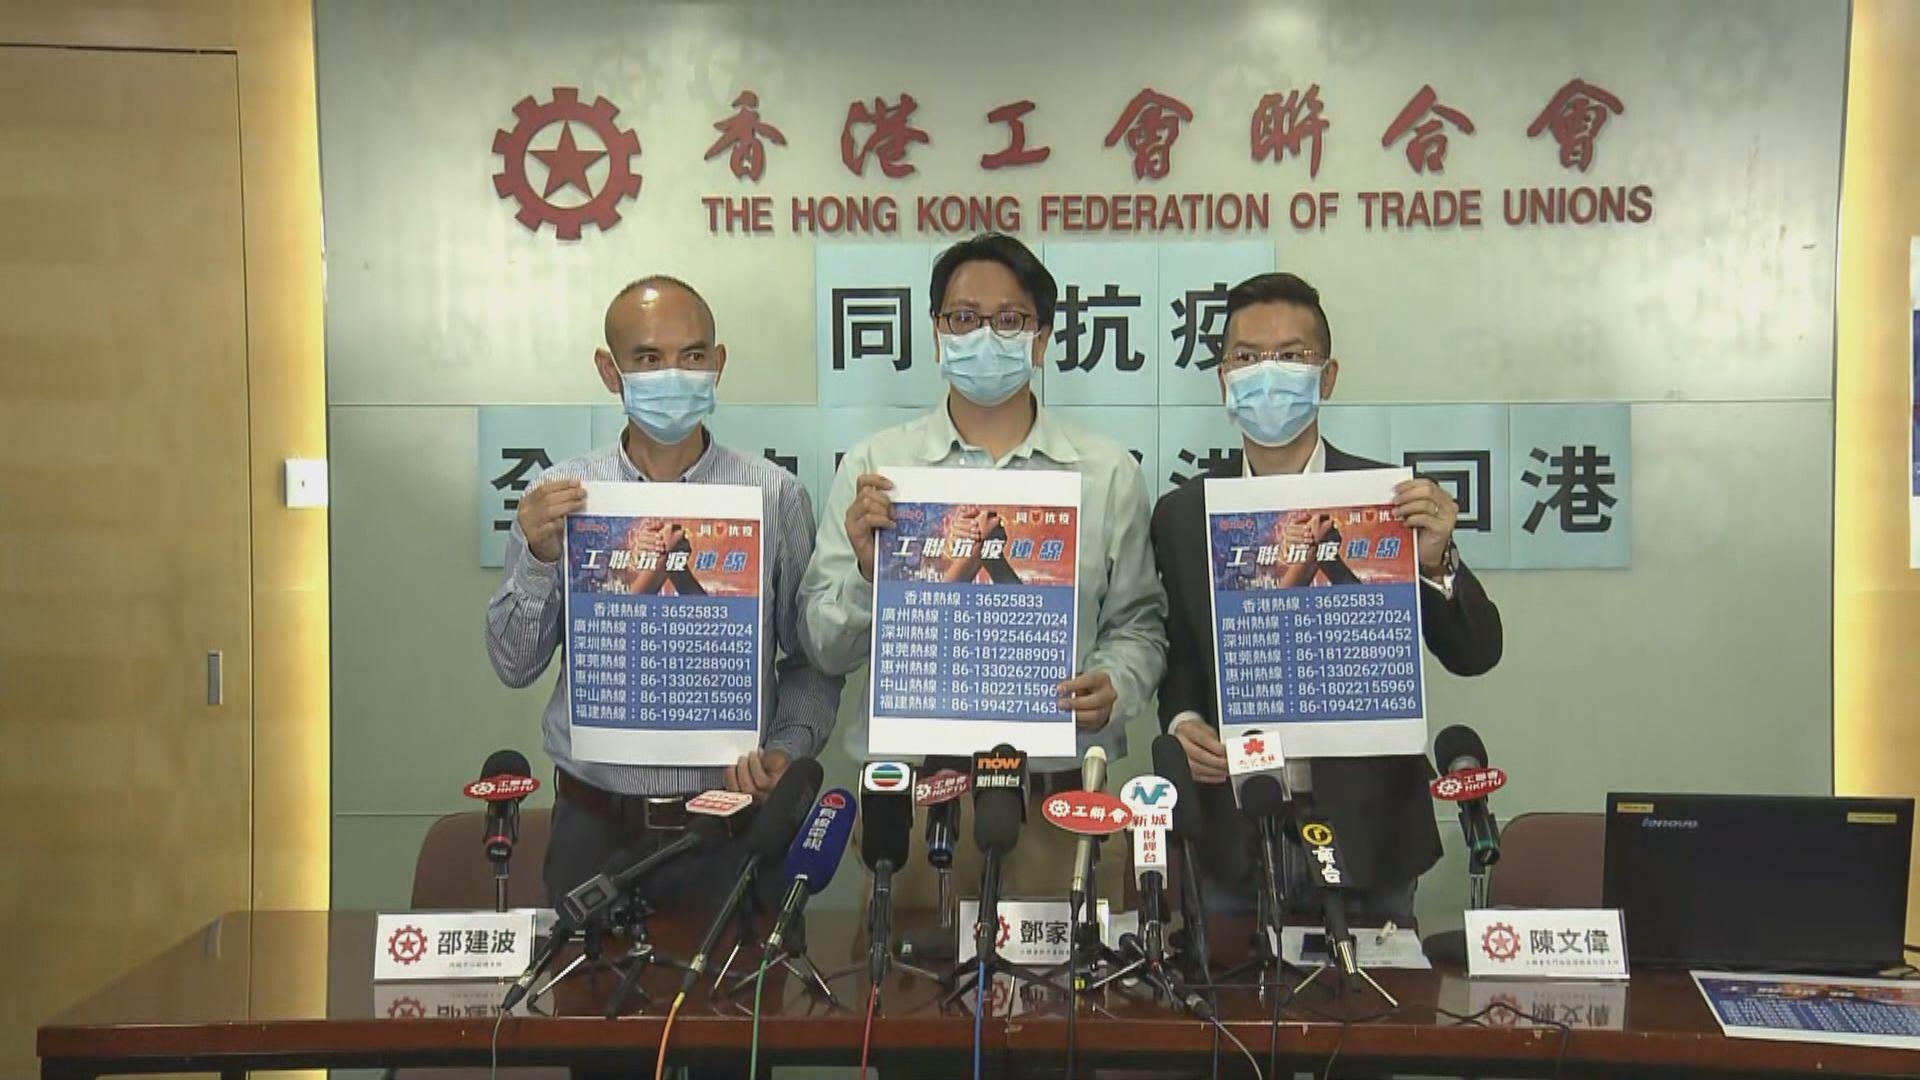 工聯會稱滯留湖北港人擔心回港後檢疫安排